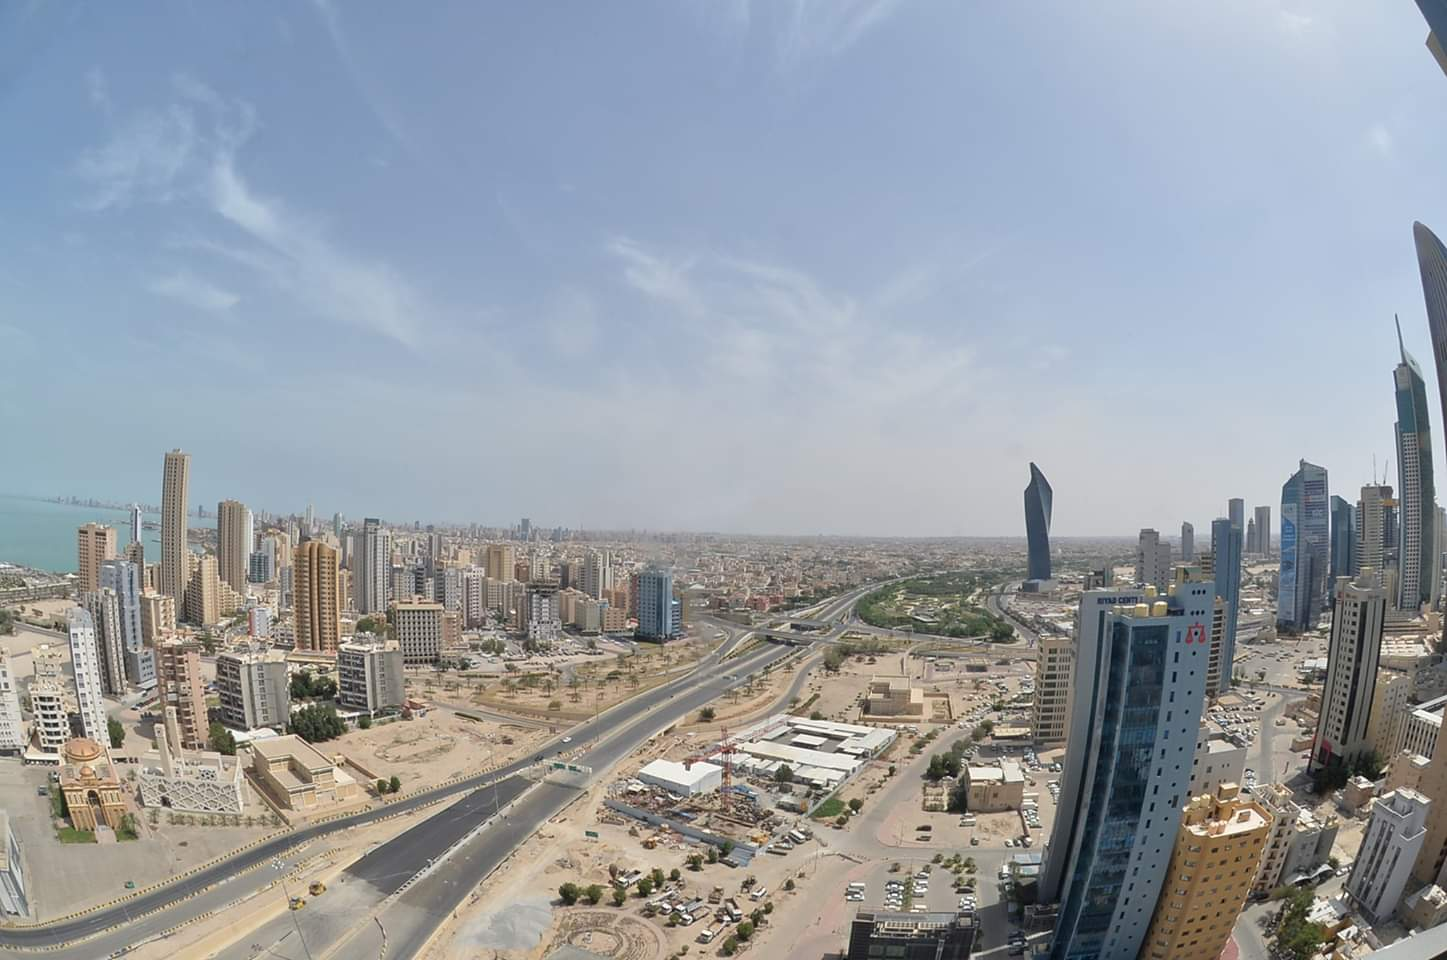 صورة ملتقطة يوم 11 مايو 2020 تظهر شوارع فارغة في مدينة الكويت. وأعلنت الحكومة الكويتية في وقت متأخر من يوم الجمعة حظر تجوال كامل في البلاد لمدة ثلاثة أسابيع للحد من الارتفاع السريع في حالات الإصابة بفيروس كورونا الجديد.